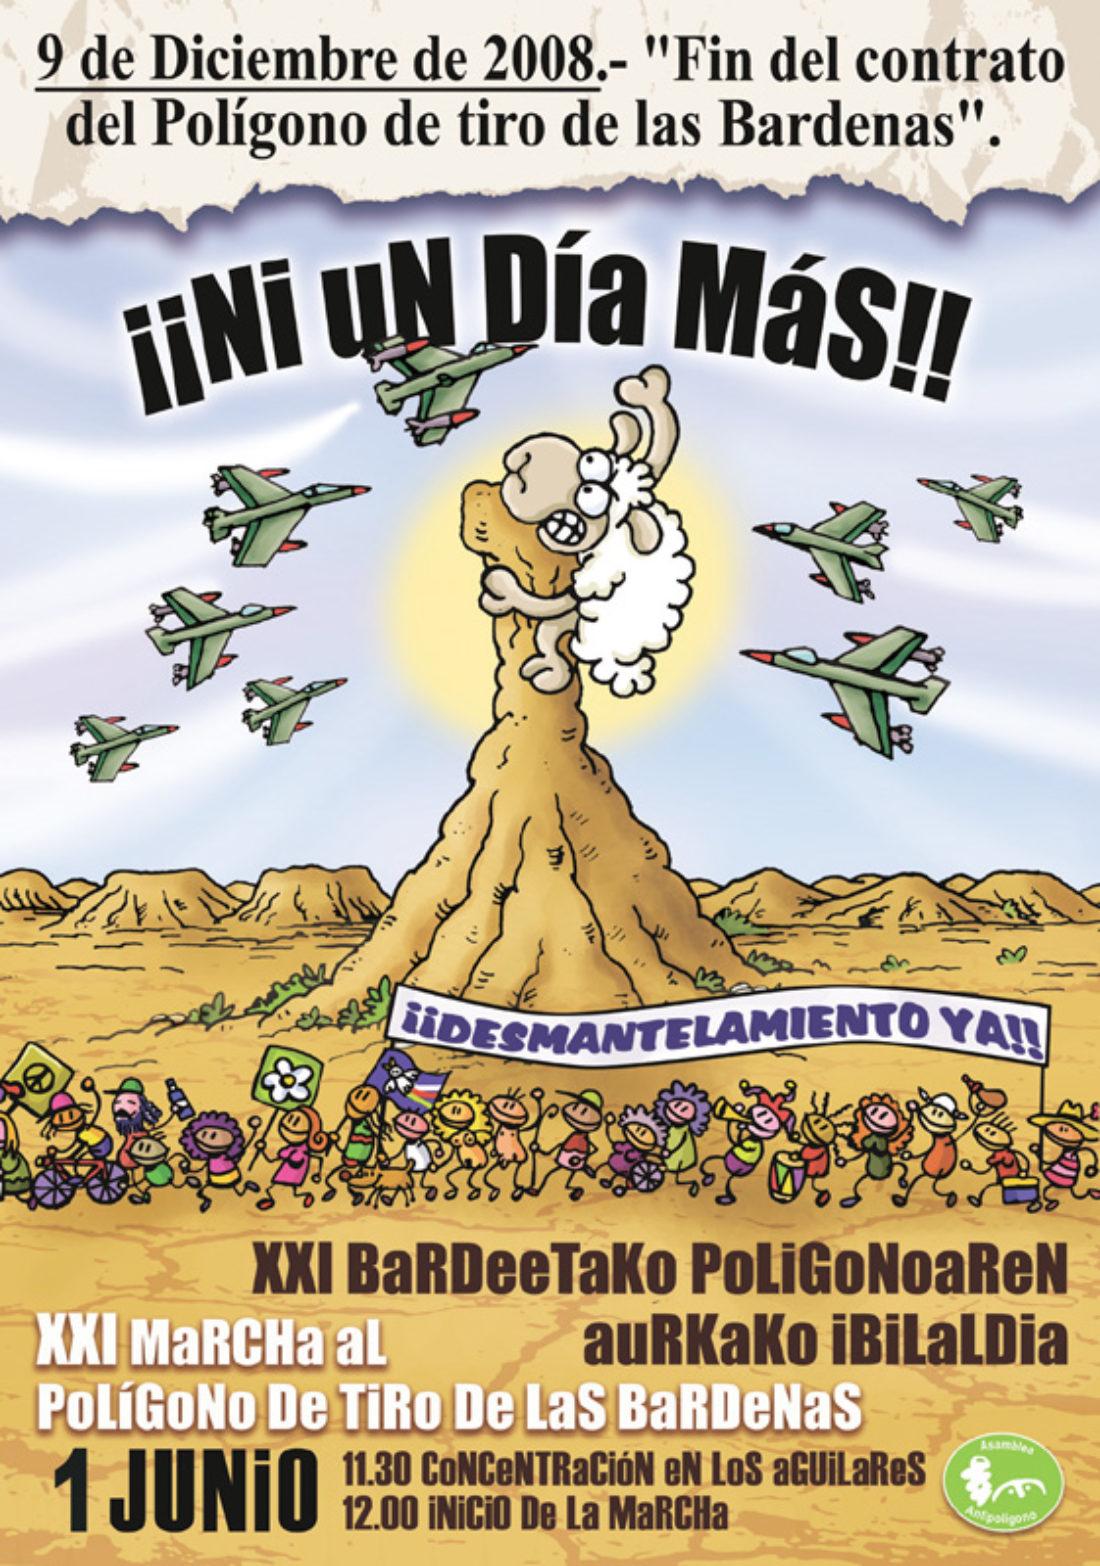 1 de junio: XXI marcha al polígono de tiro de Las Bardenas